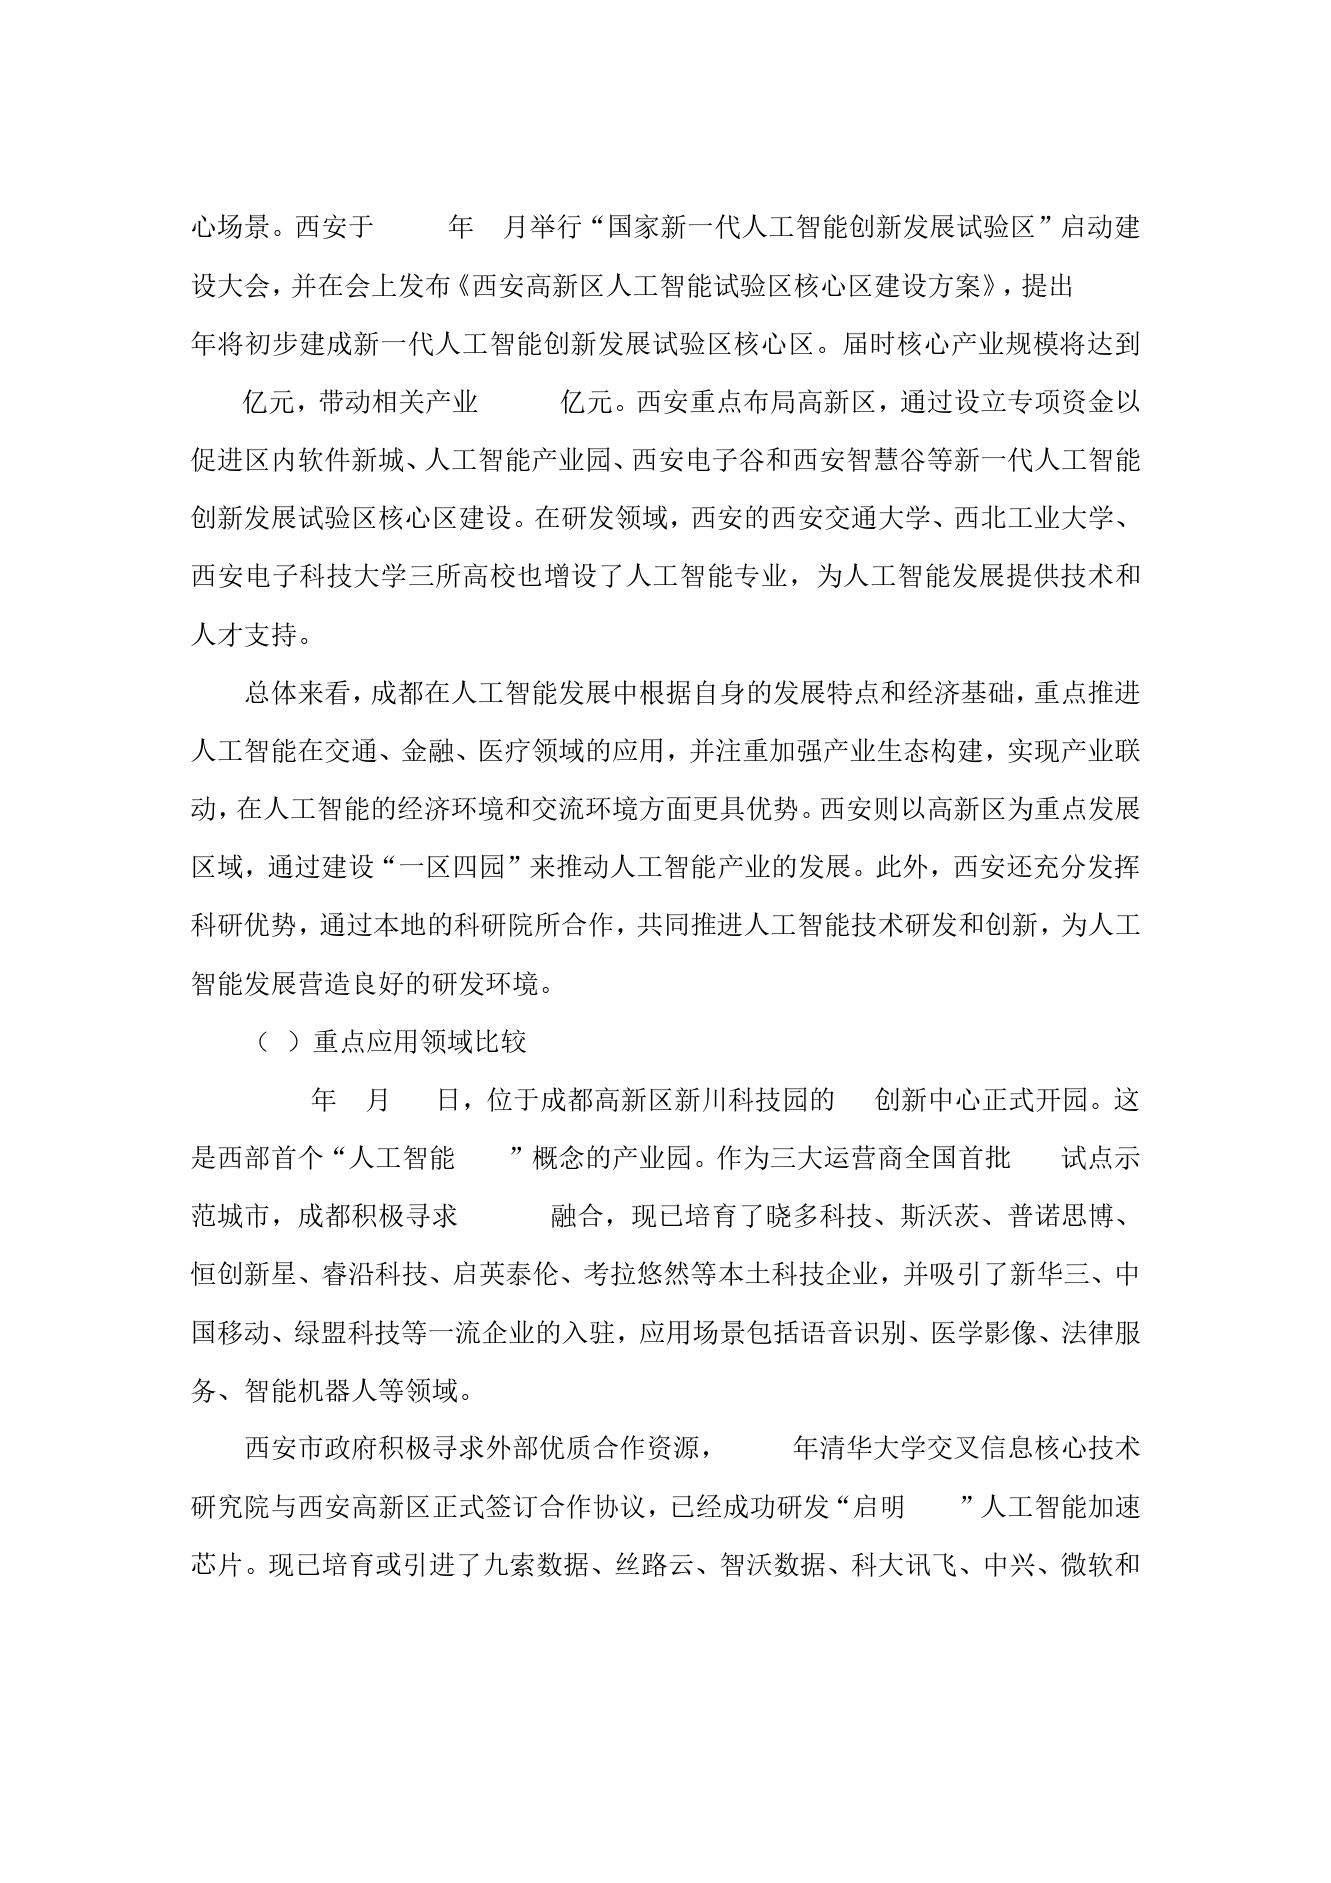 36氪研究院:2020年中国城市人工智能发展指数报告(可下载报告)插图(81)